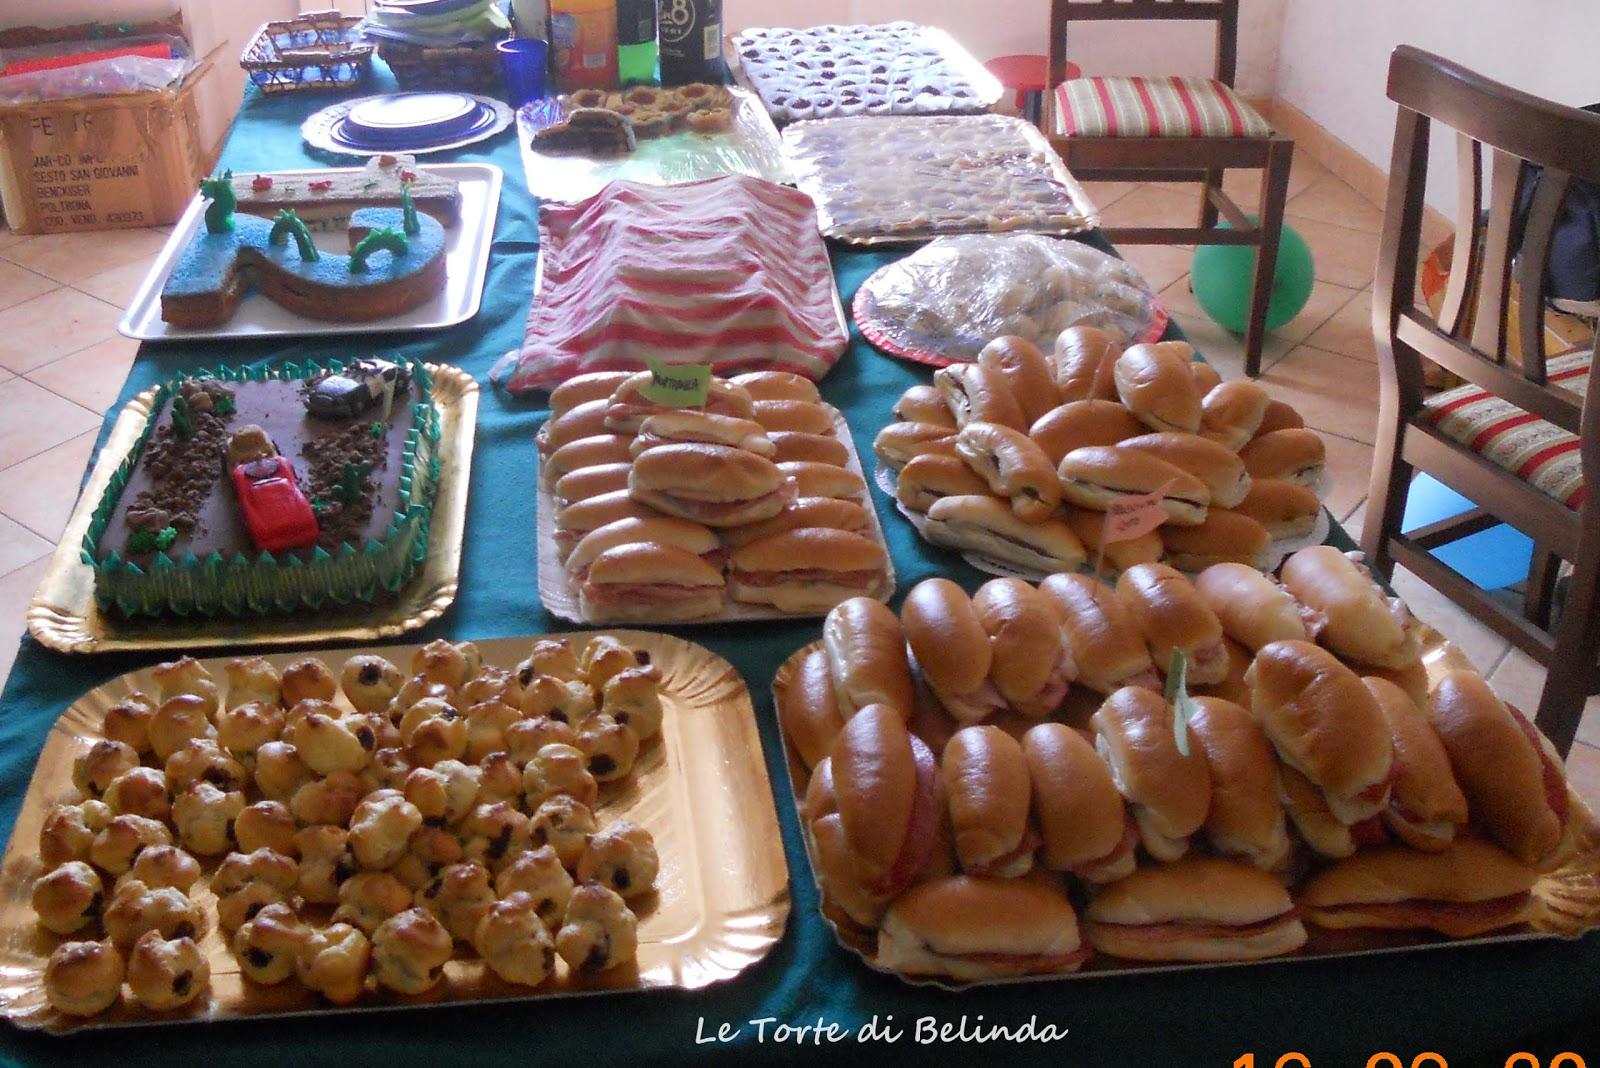 Top Le Torte di Belindama non solo!: LE FESTE DEI MIEI BIMBI KR91